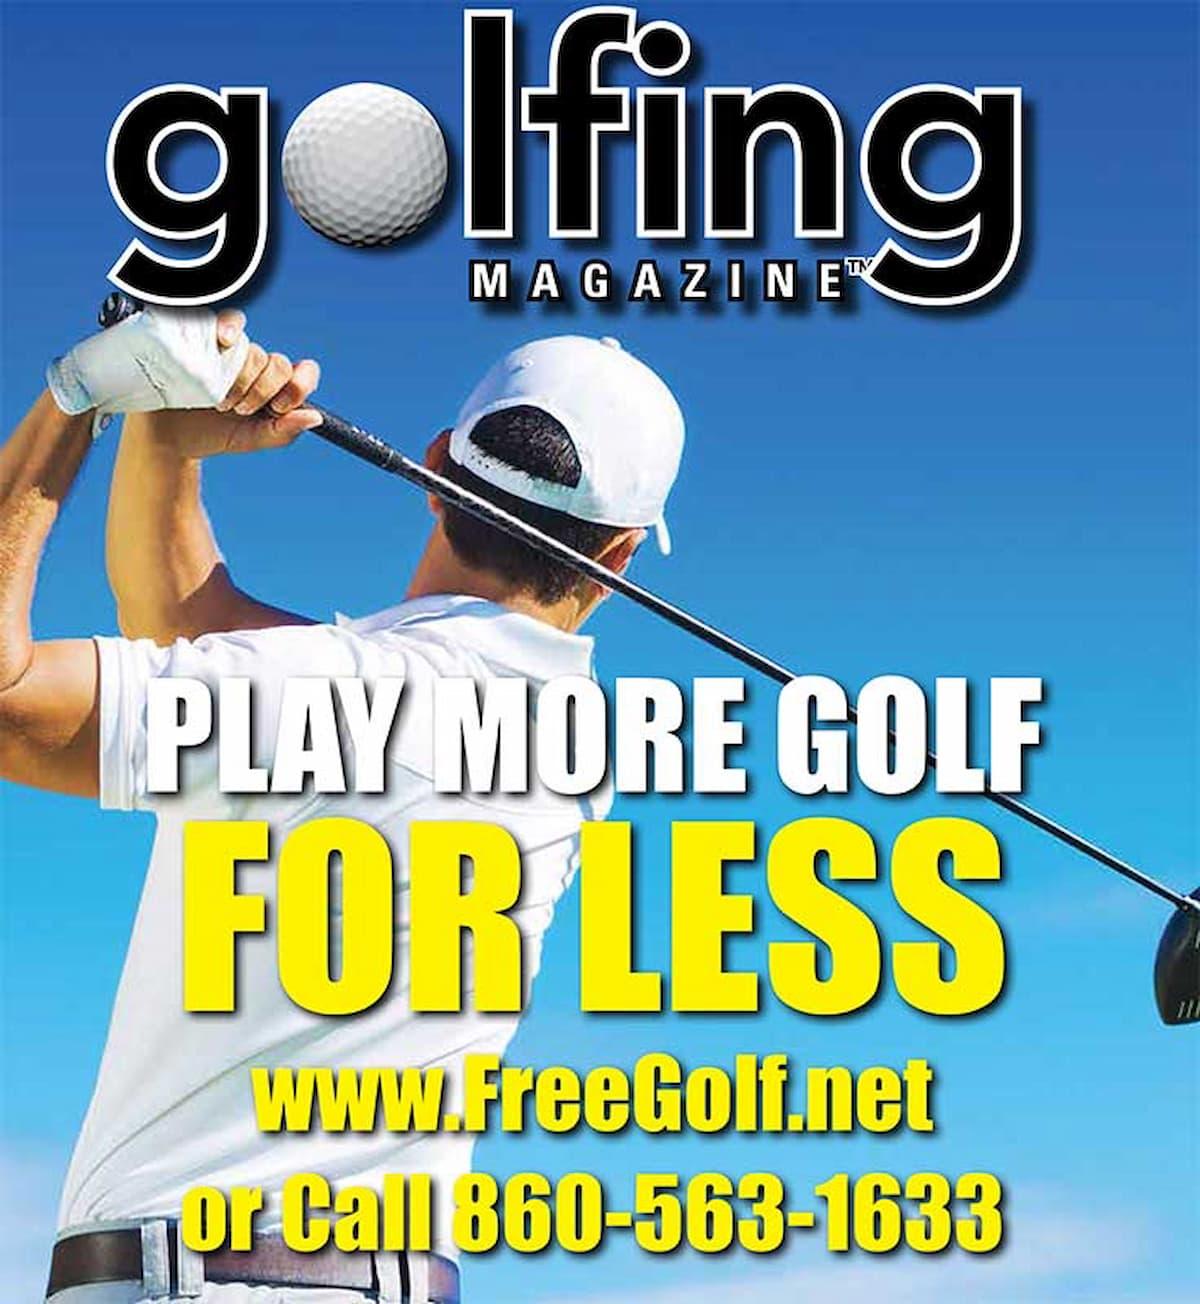 showtime_golfing_magazine2